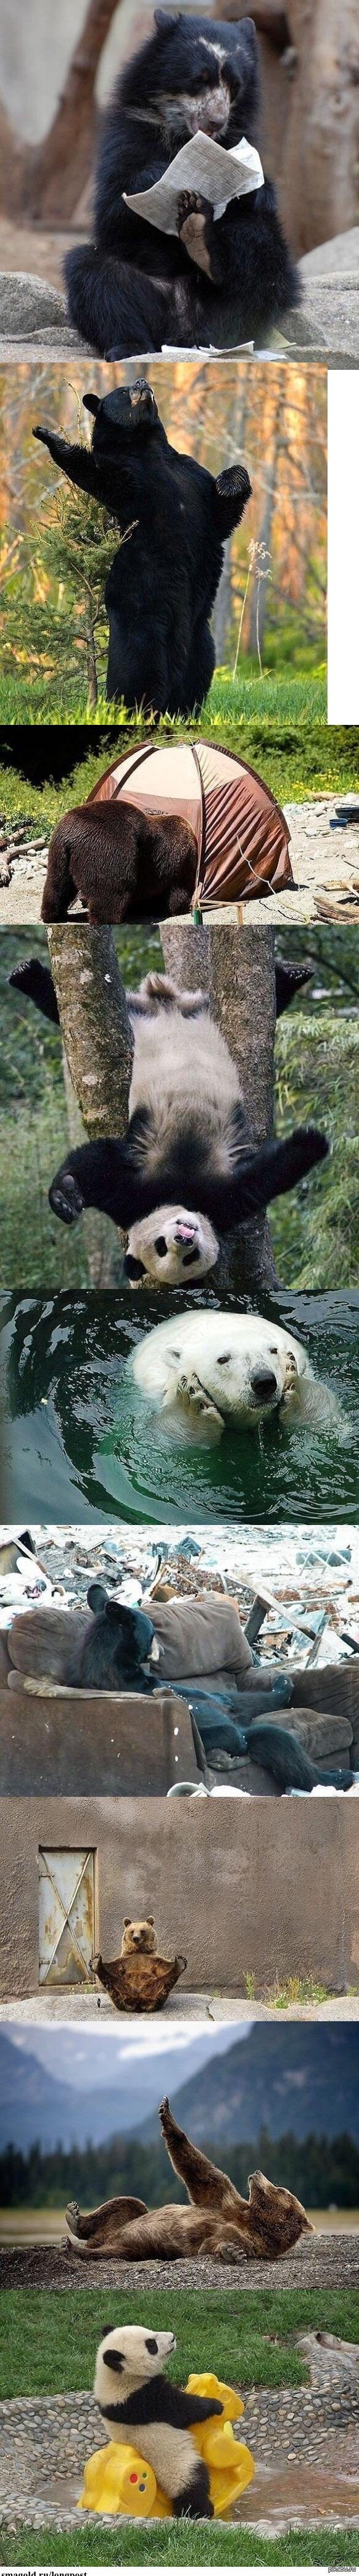 Медвежий досуг   Медведи, отдых, досуг, медвежий досуг, длиннопост